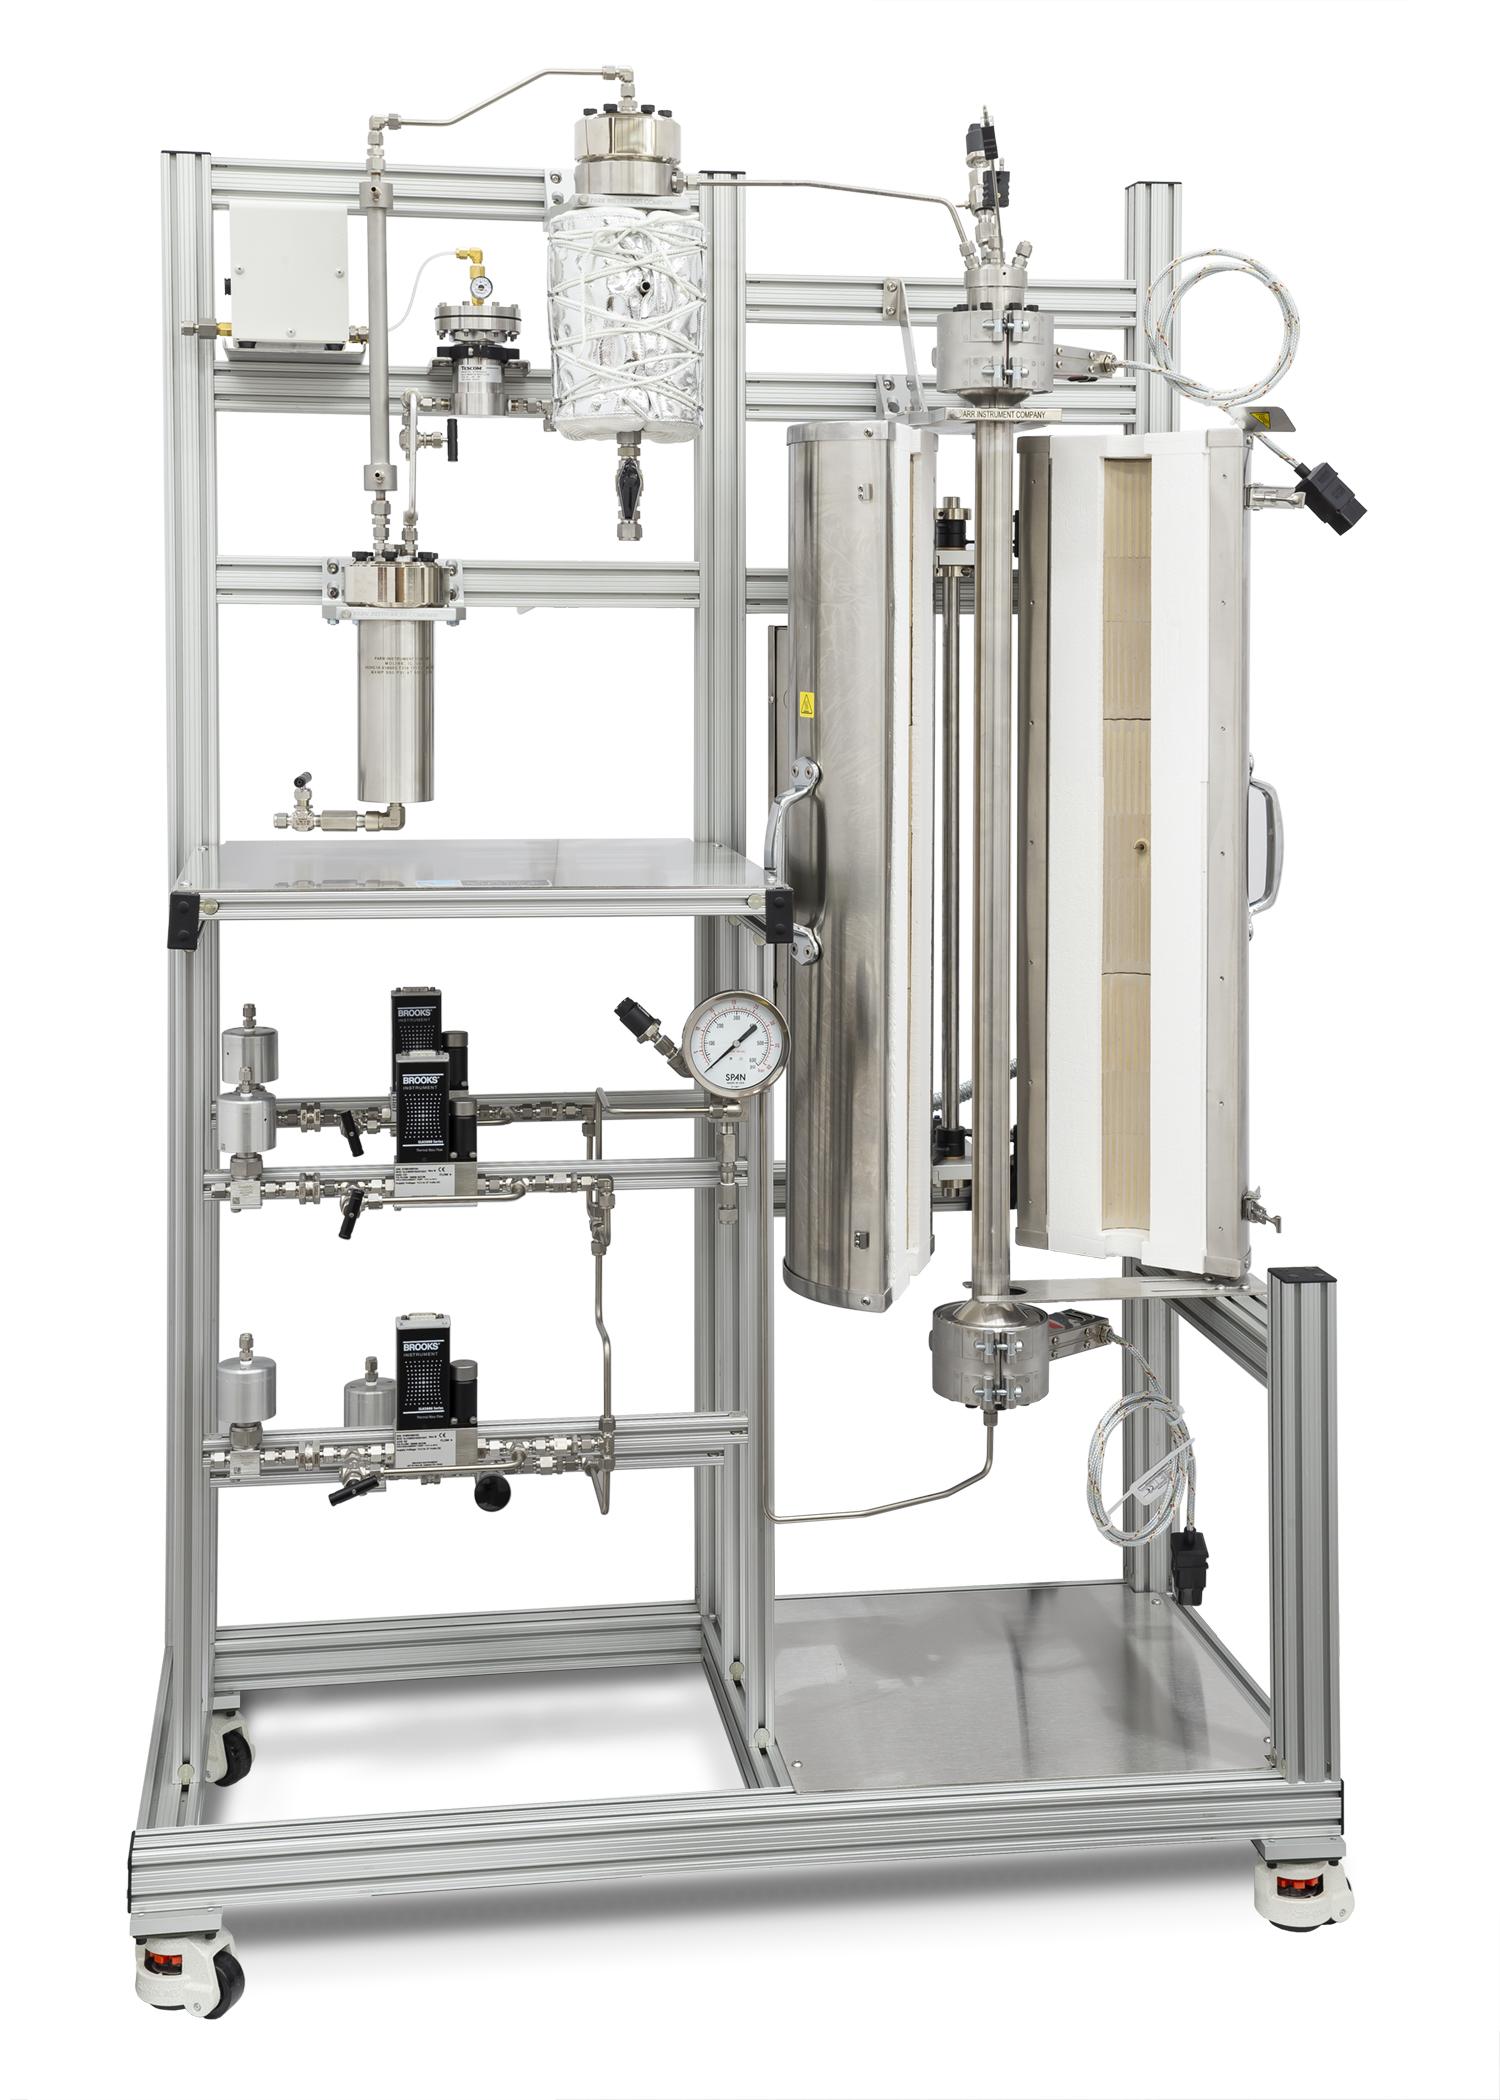 5410 Fluidized Bed Reactors - Parr Instrument Company